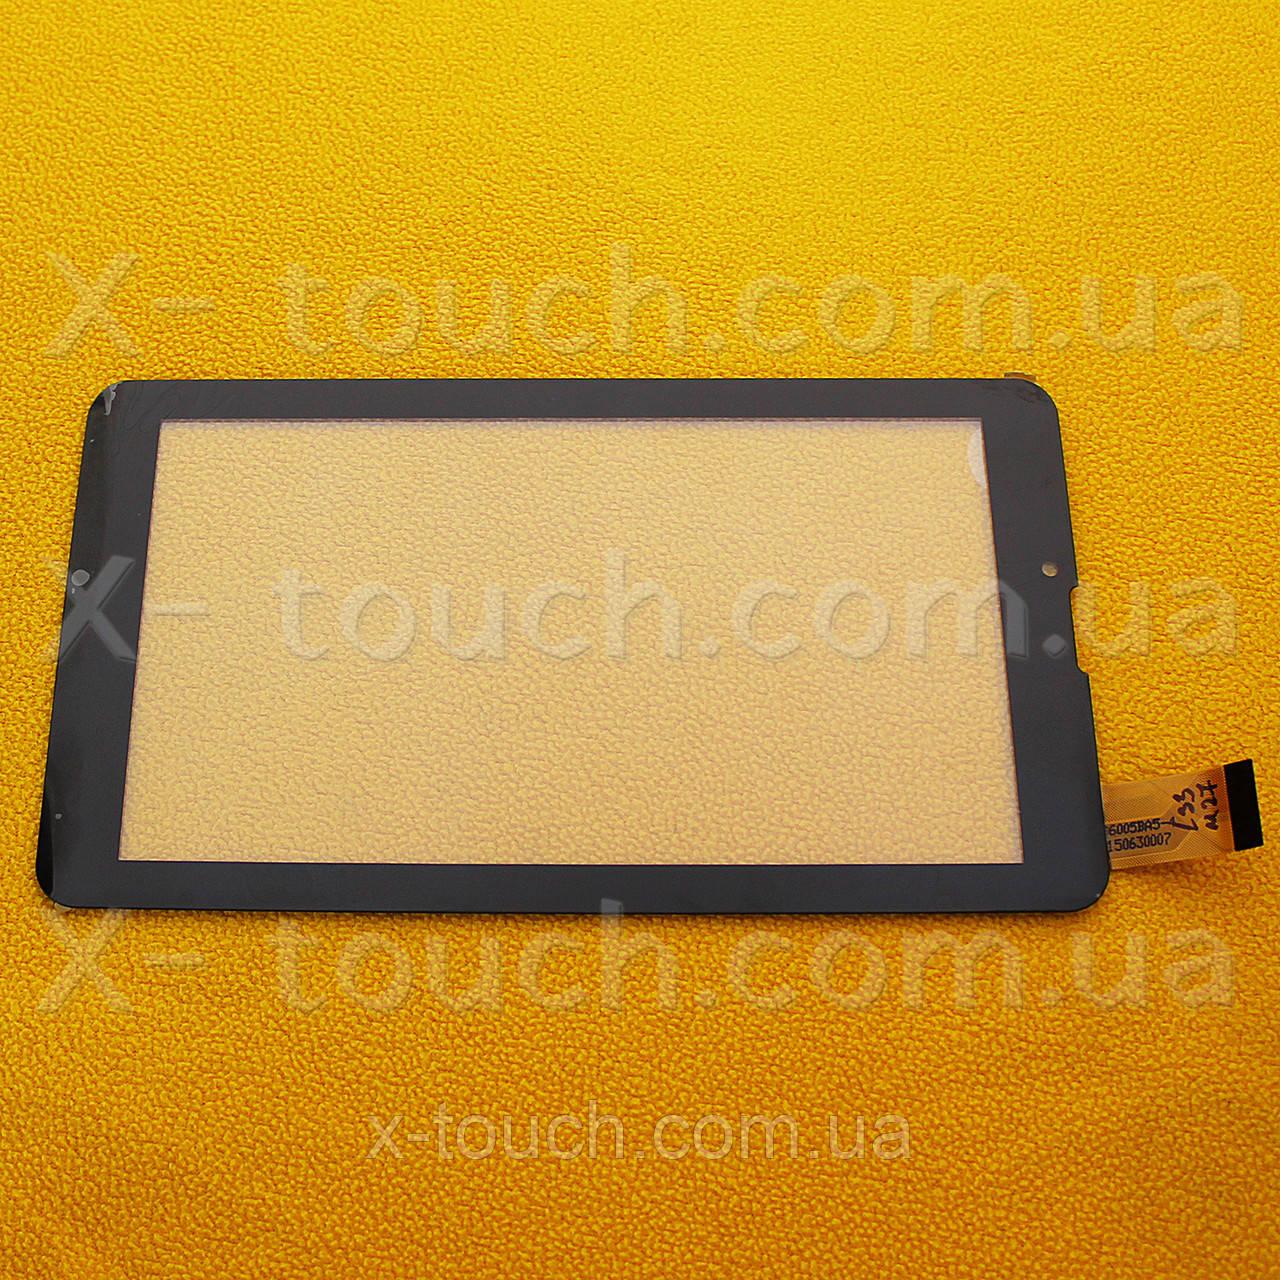 HSCTP003(ES713)-7-V0 cенсор, тачскрин 7,0 дюймов, цвет черный